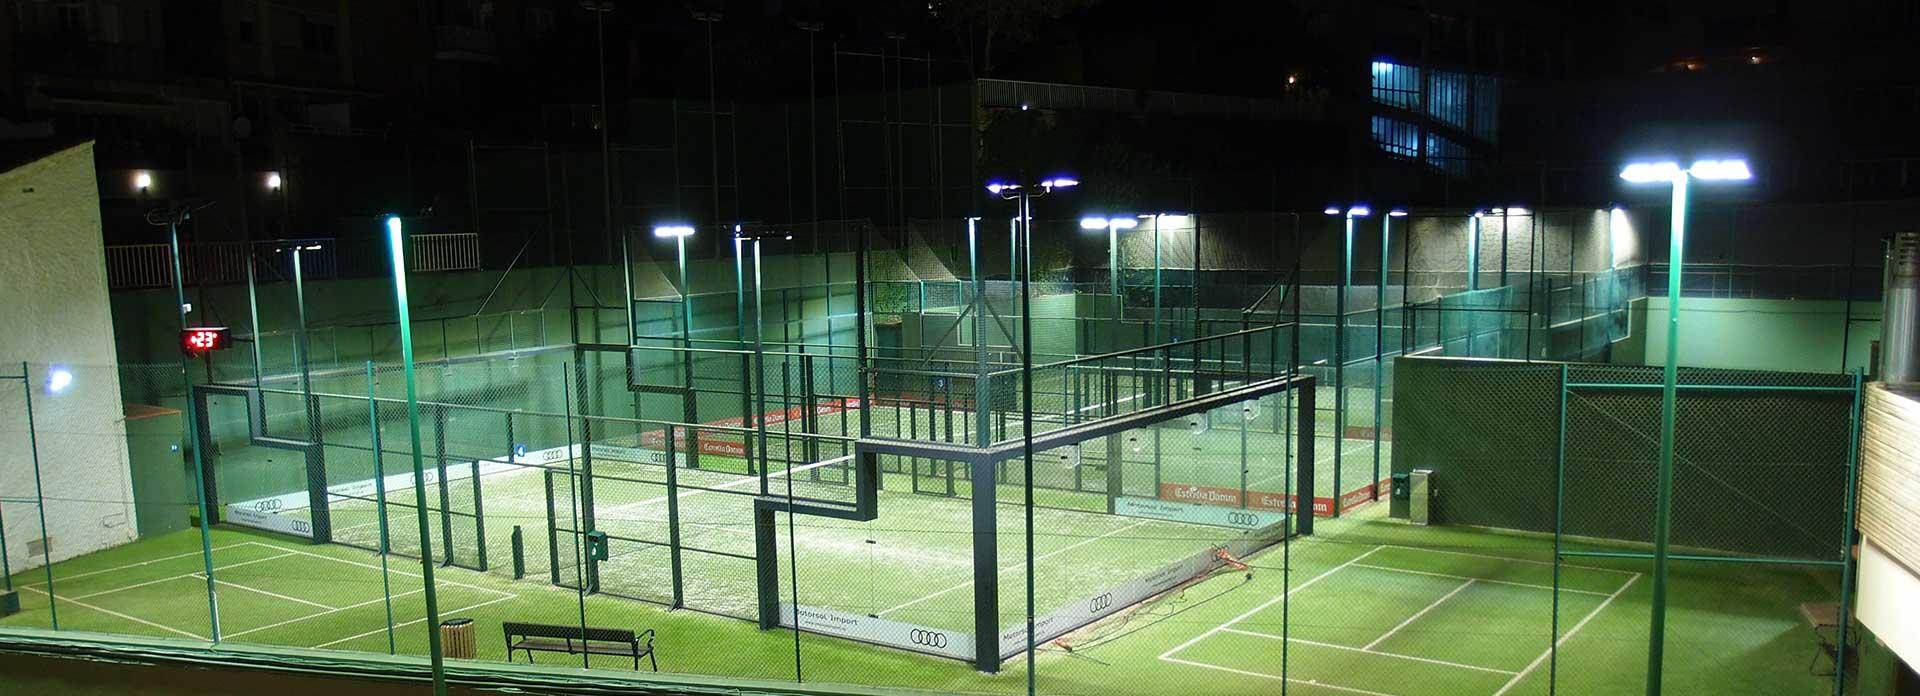 pistas-de-paddle-padel-iluminacion-led-luxes-instalaciones-deportivas